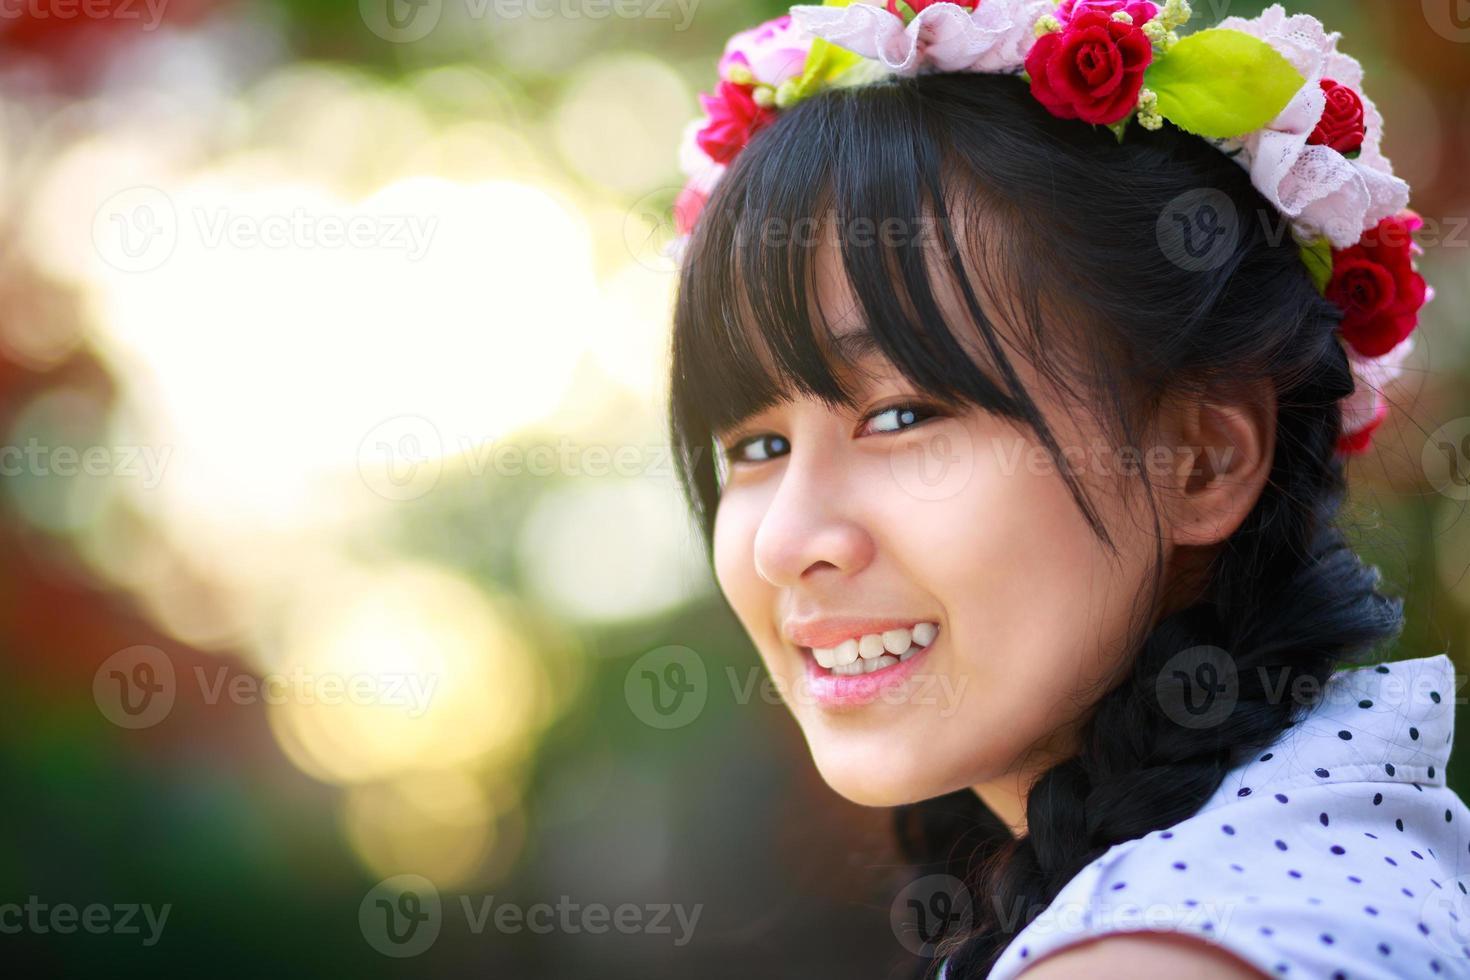 vackra leende tonår foto